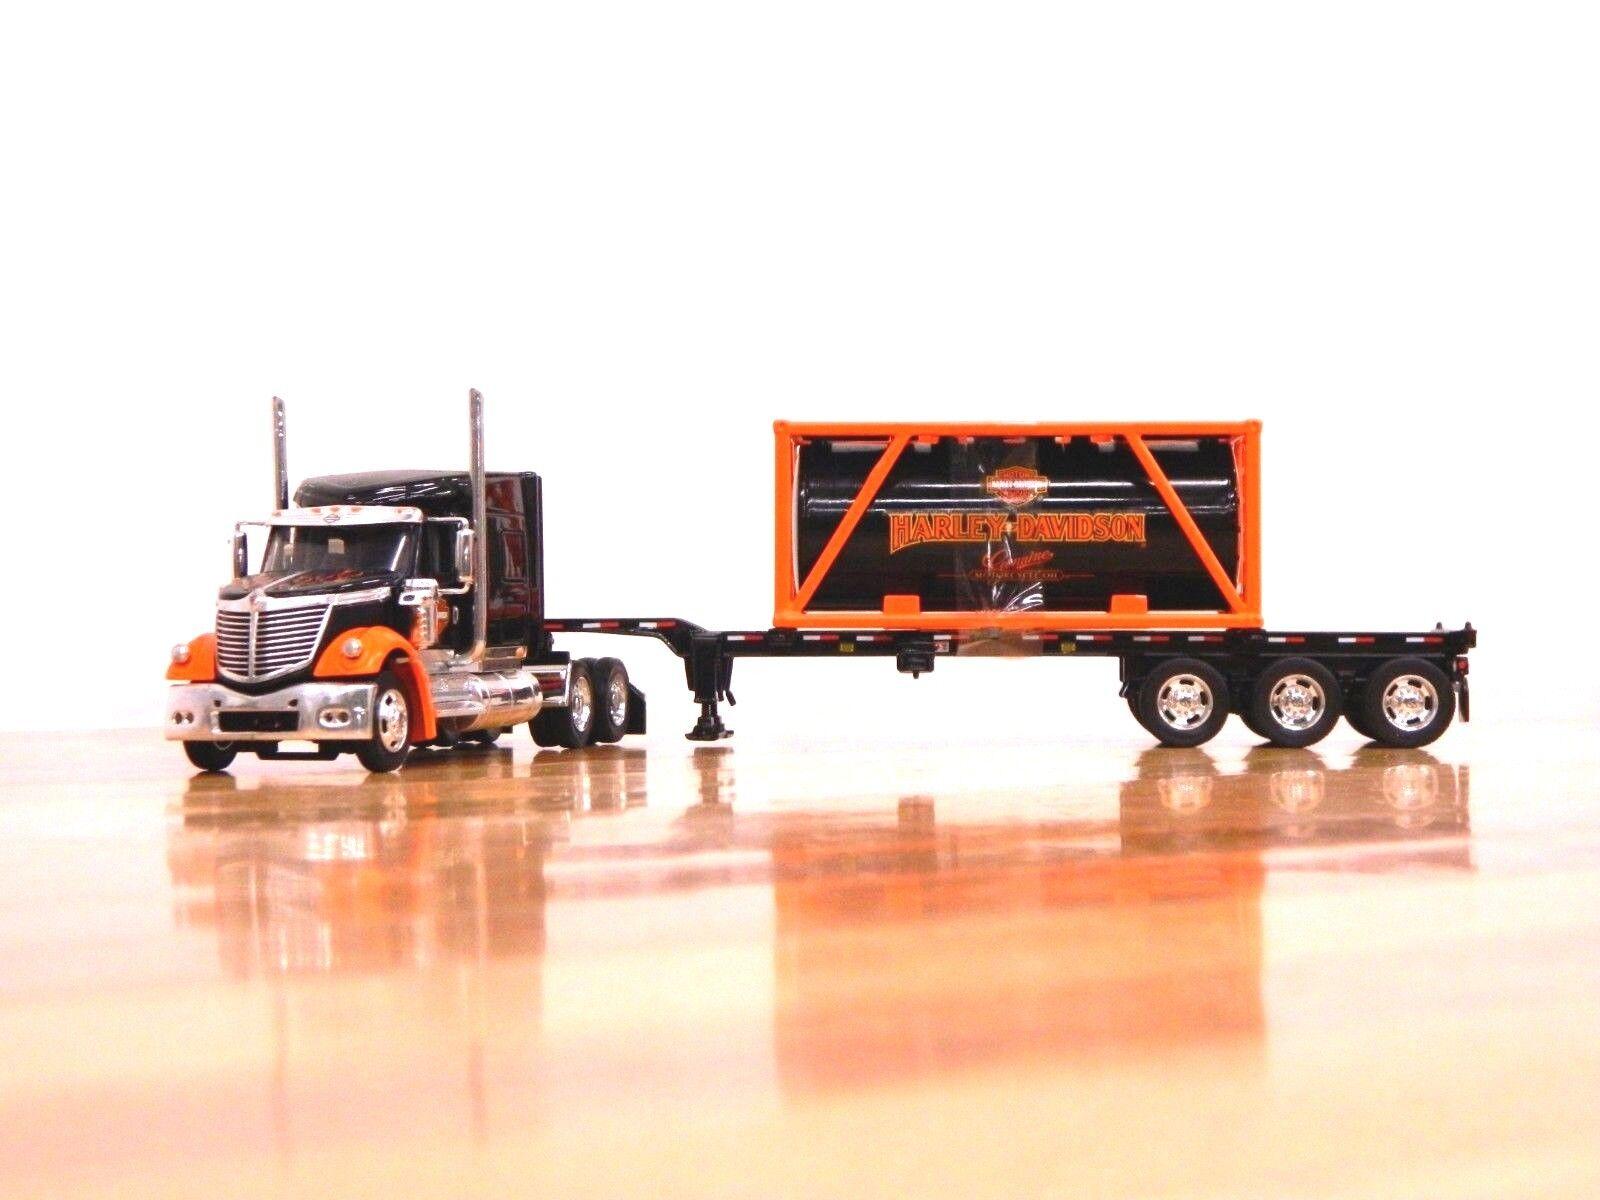 81155  harley - davidson  international lonestar w   container laden 1 64 trailer & tank